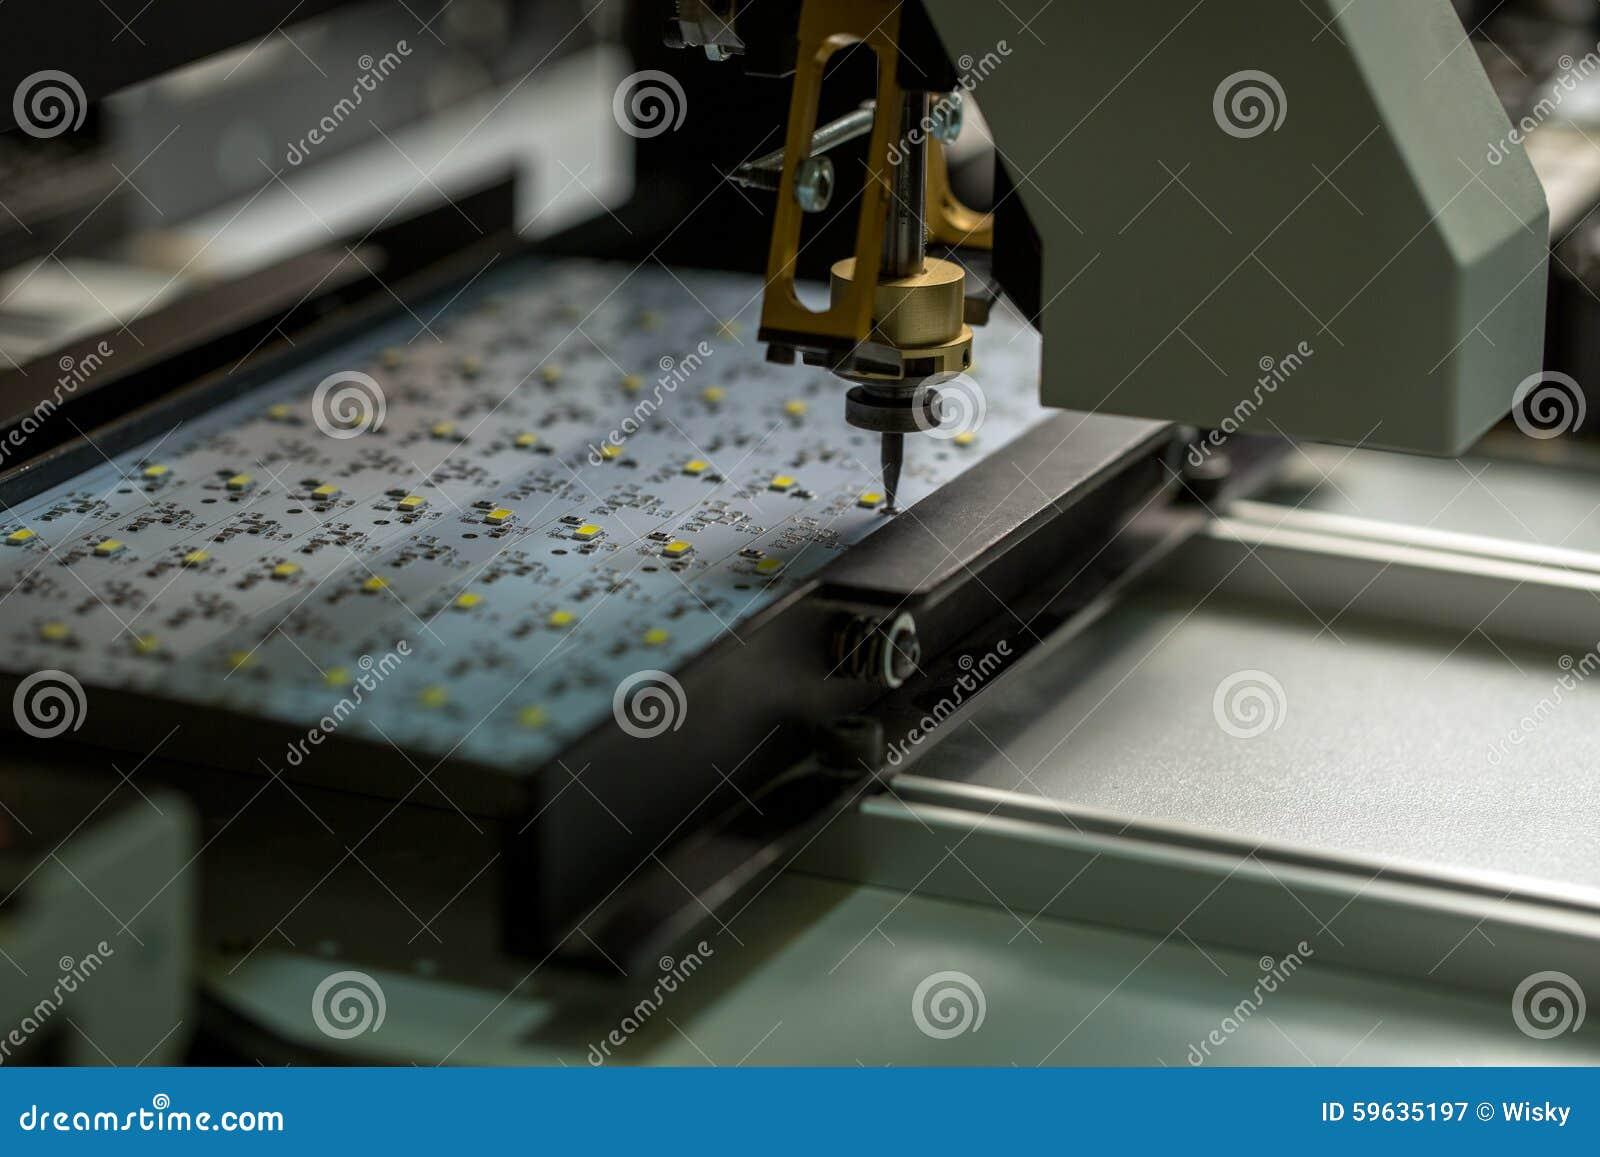 Renda paricolare la macchina per la fabbricazione dei pannelli del LED